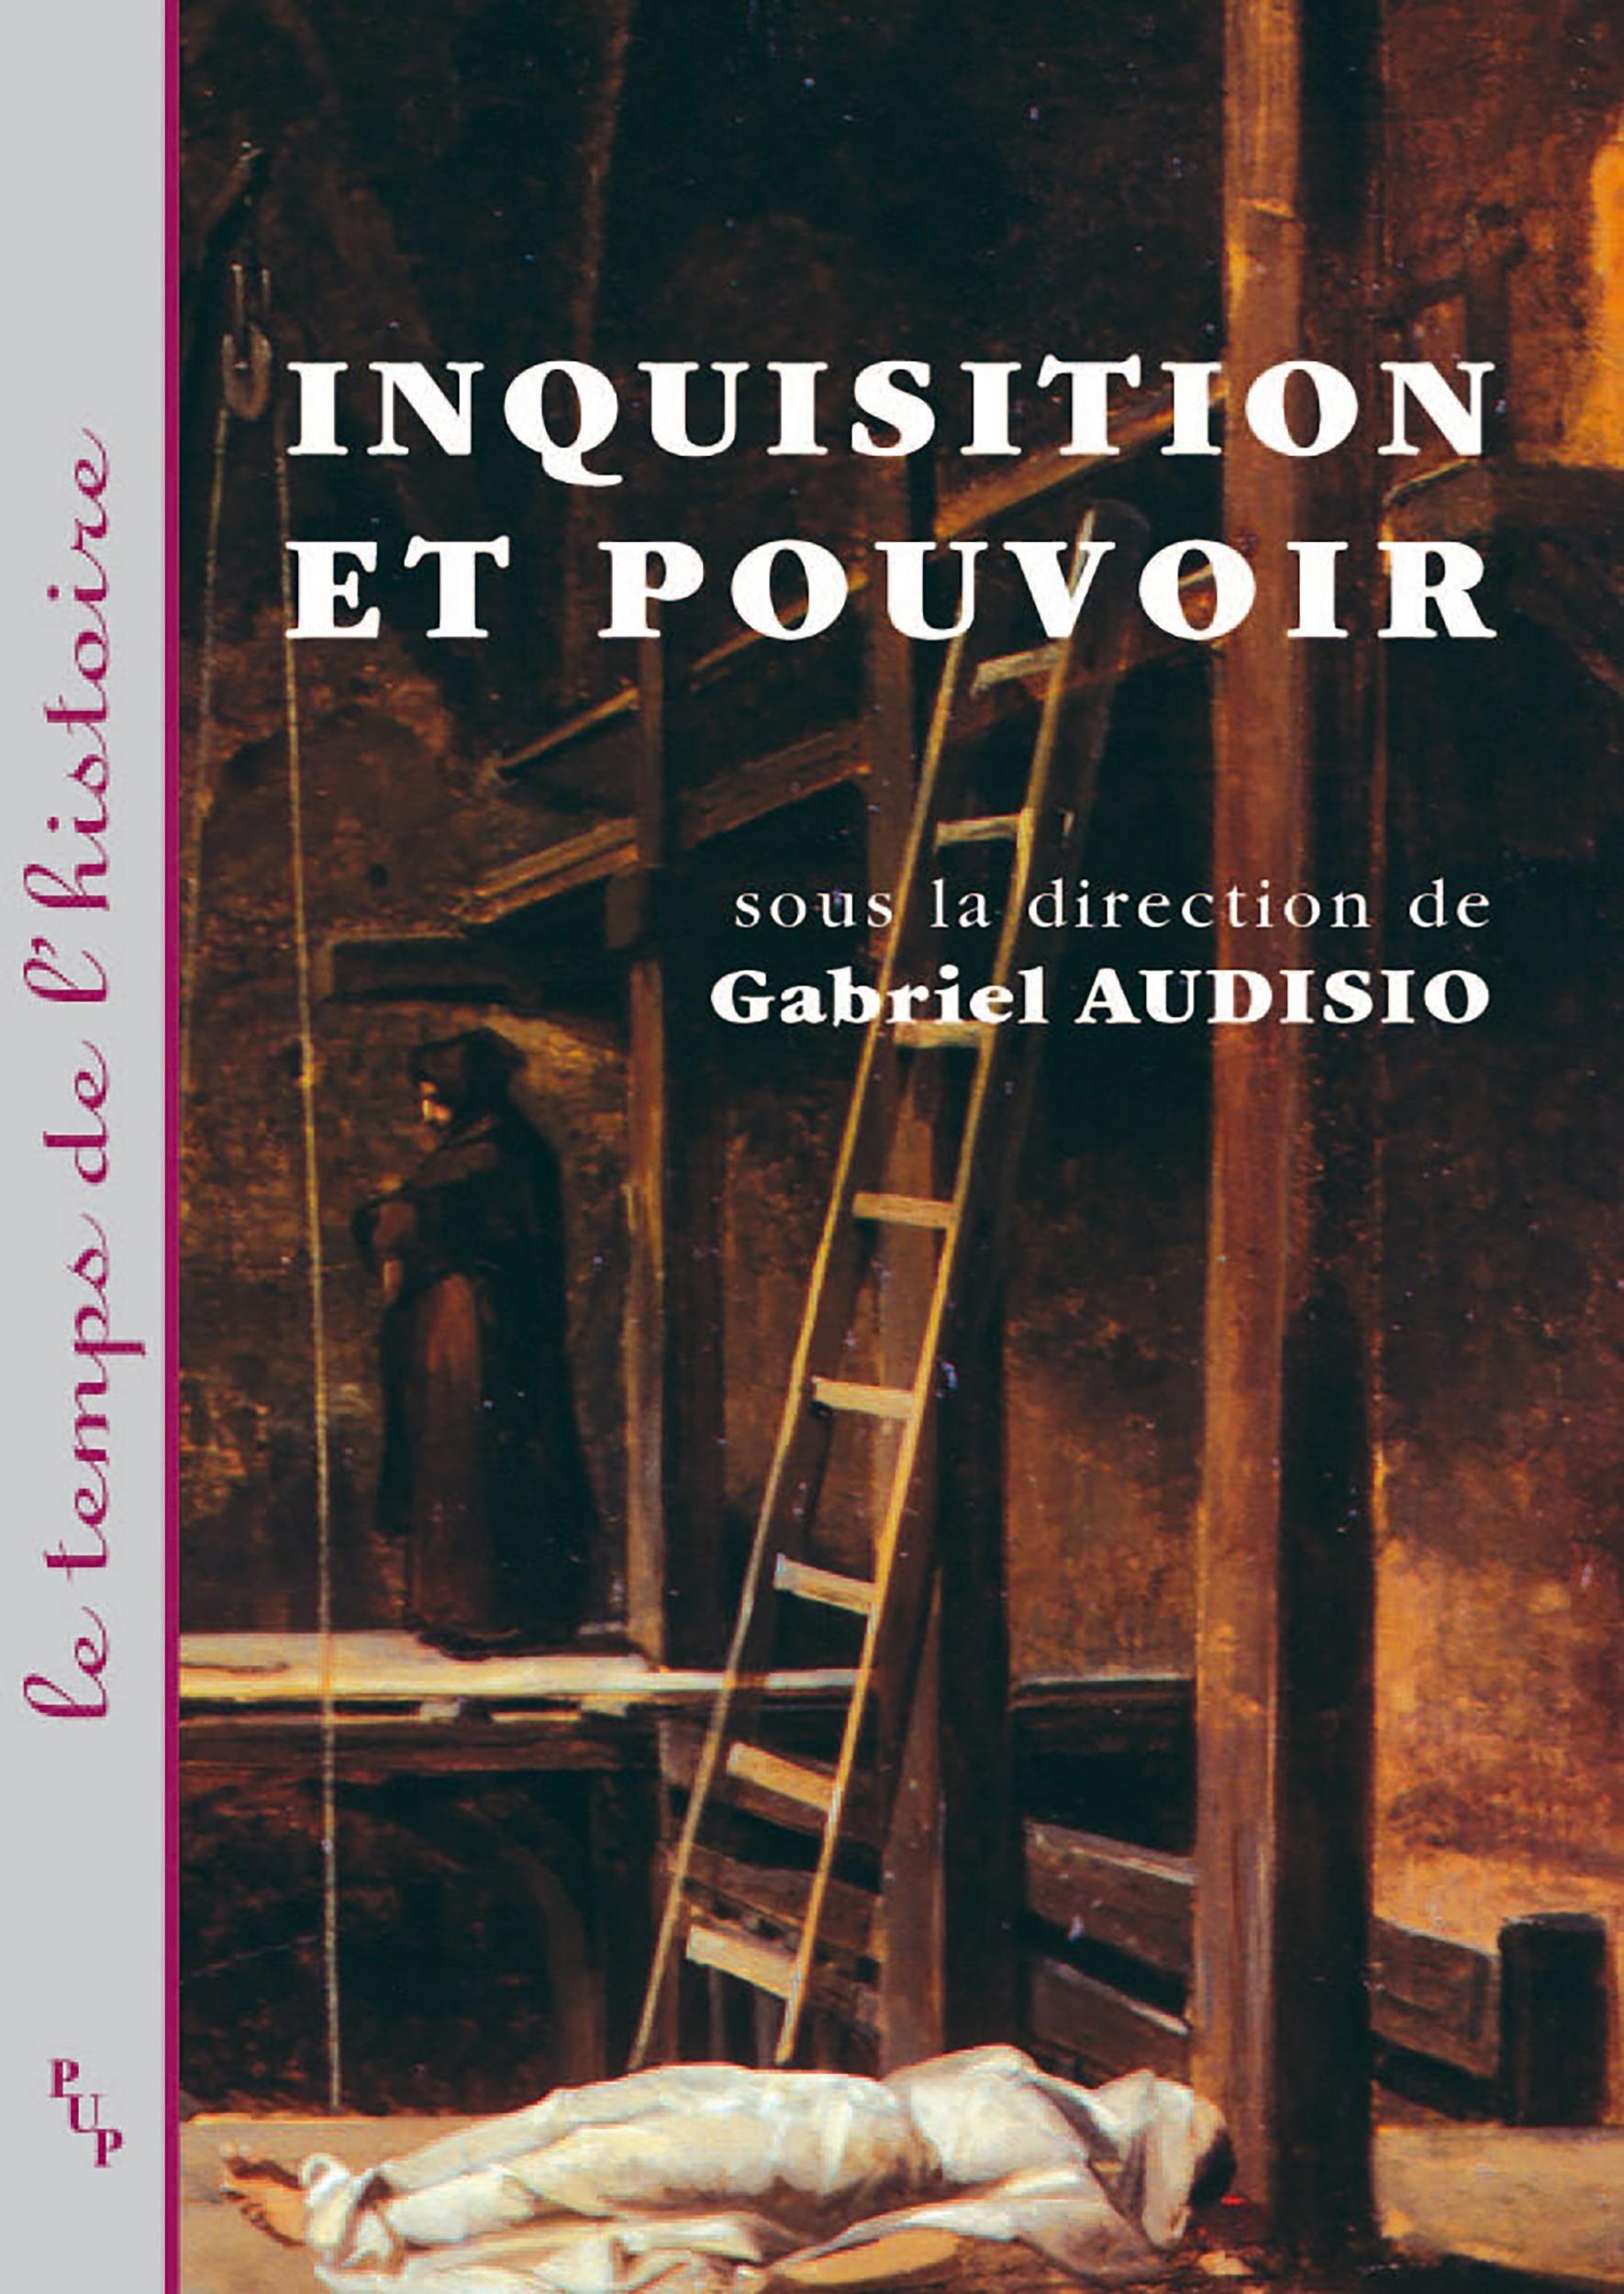 Inquisition et pouvoir - [actes du colloque international tenu a la maison mediterraneenne des scien